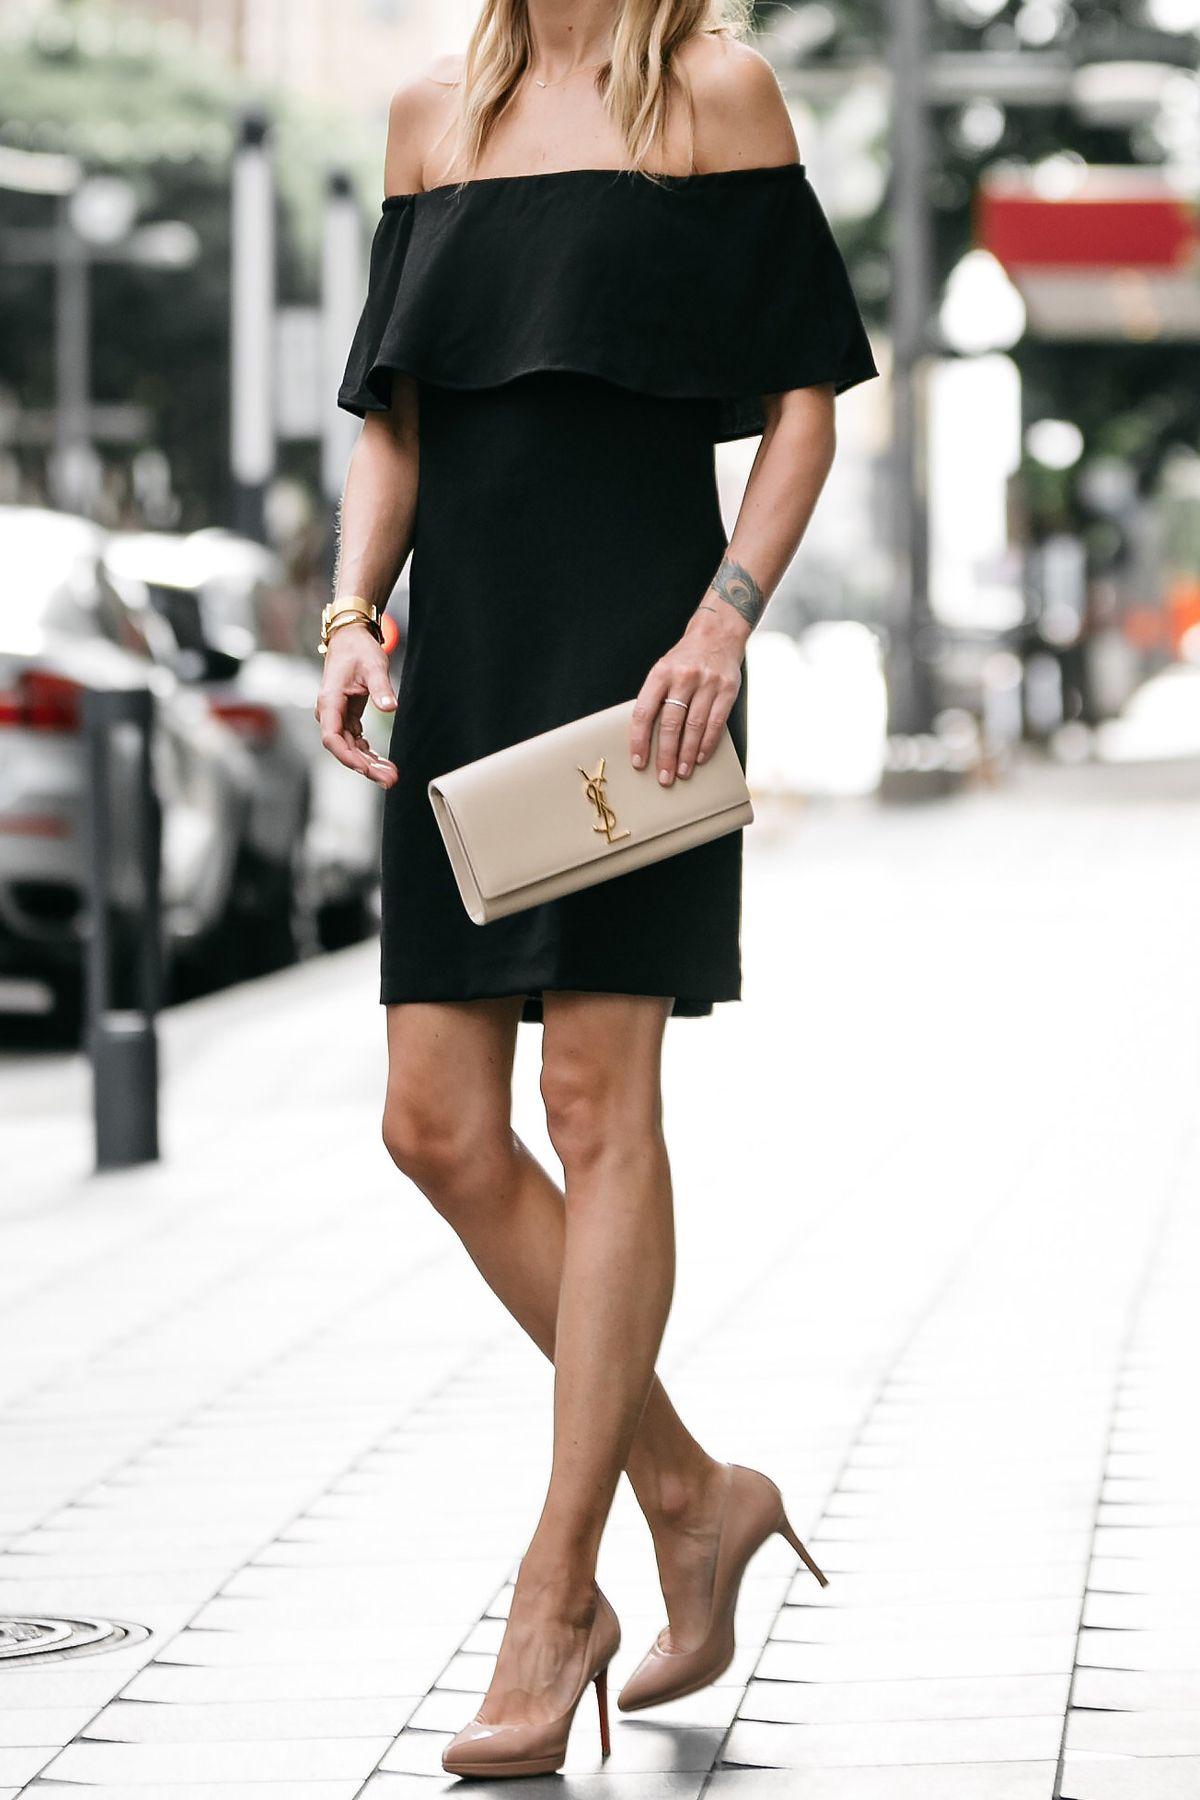 Nordstrom Off The Shoulder Black Dress Ysl Nude Clutch -8230